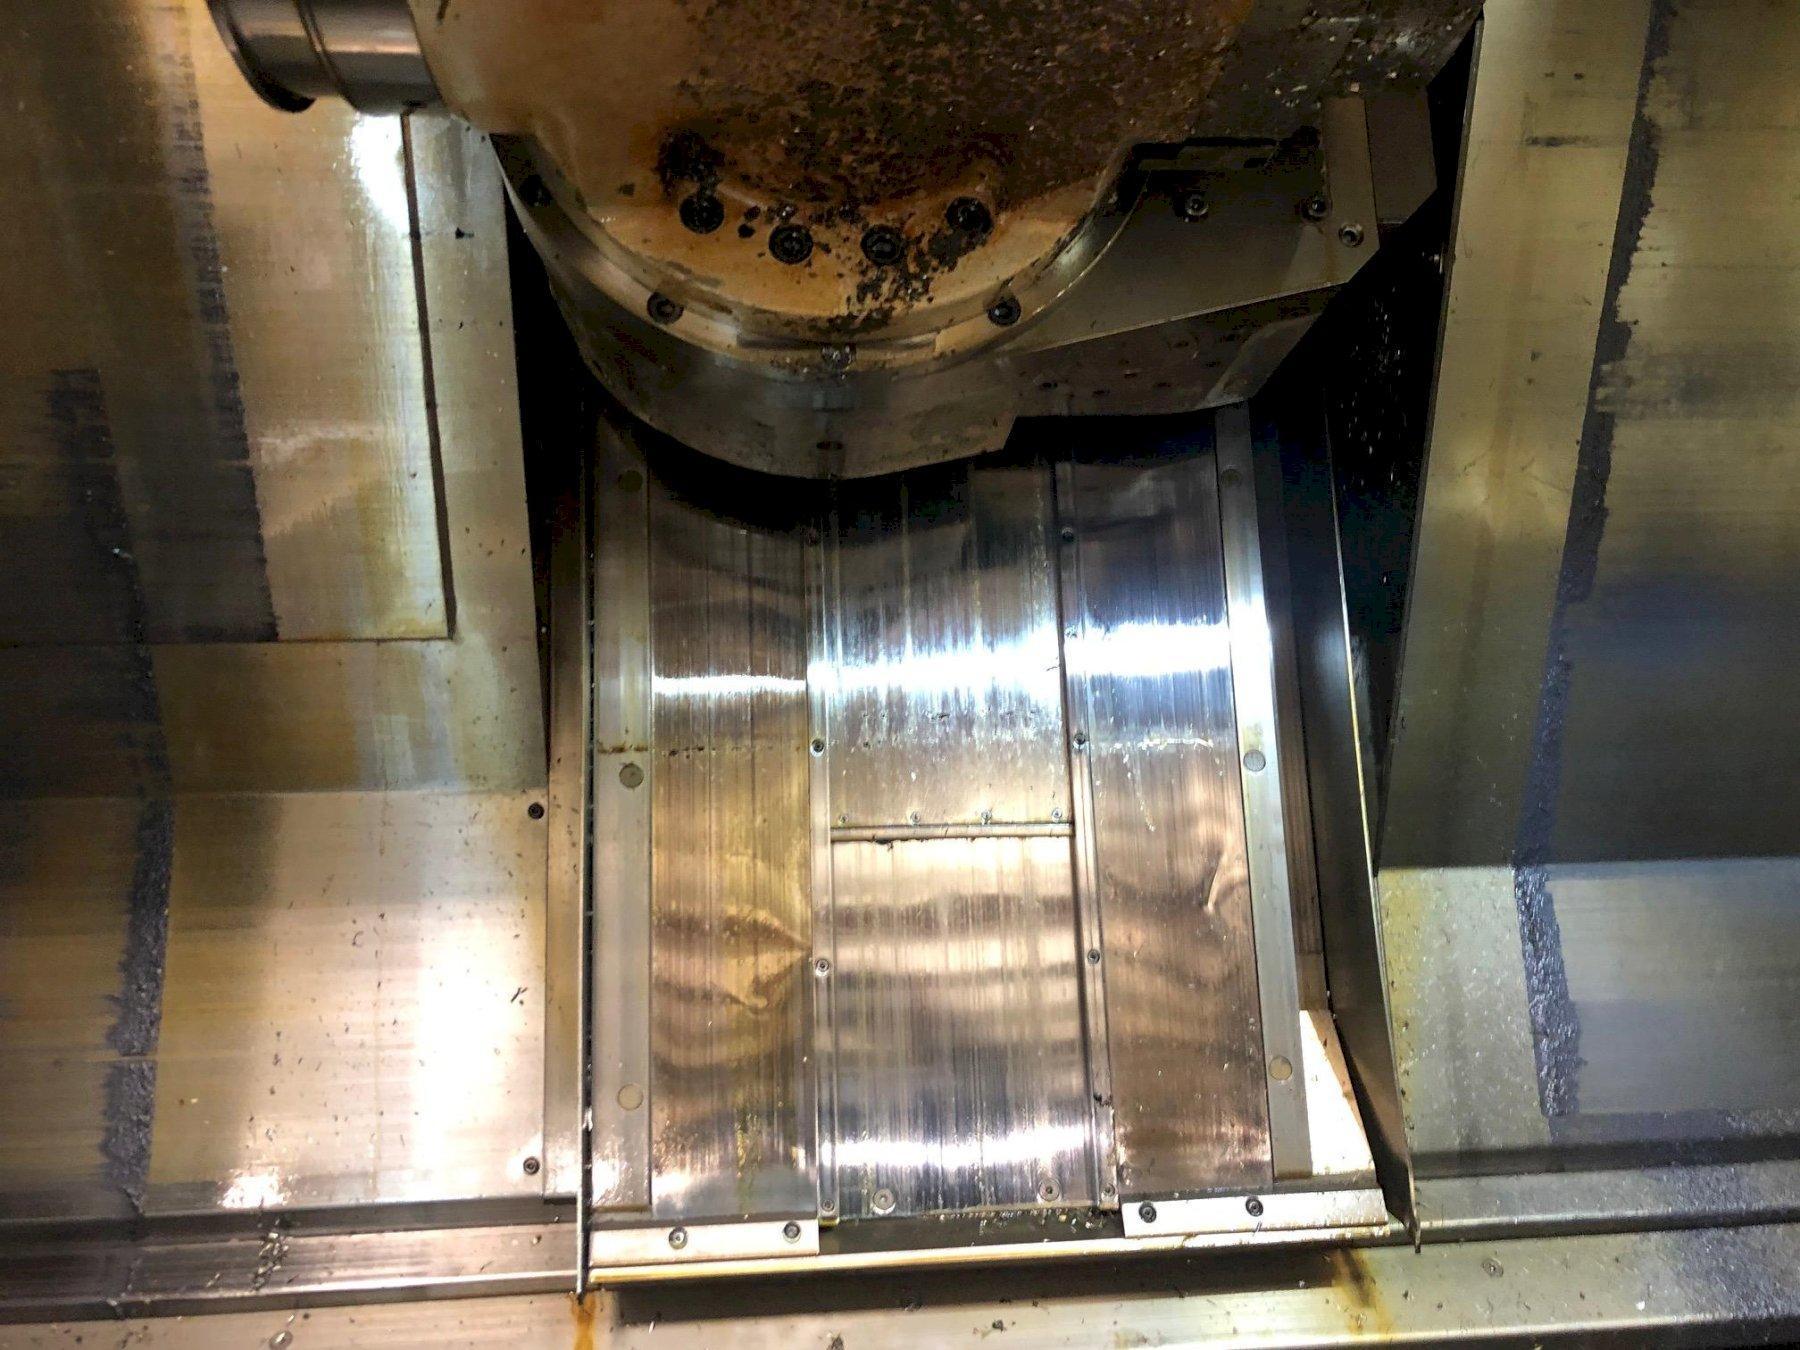 2004 Mazak Integrex 200-IIIS - CNC Horizontal Lathe